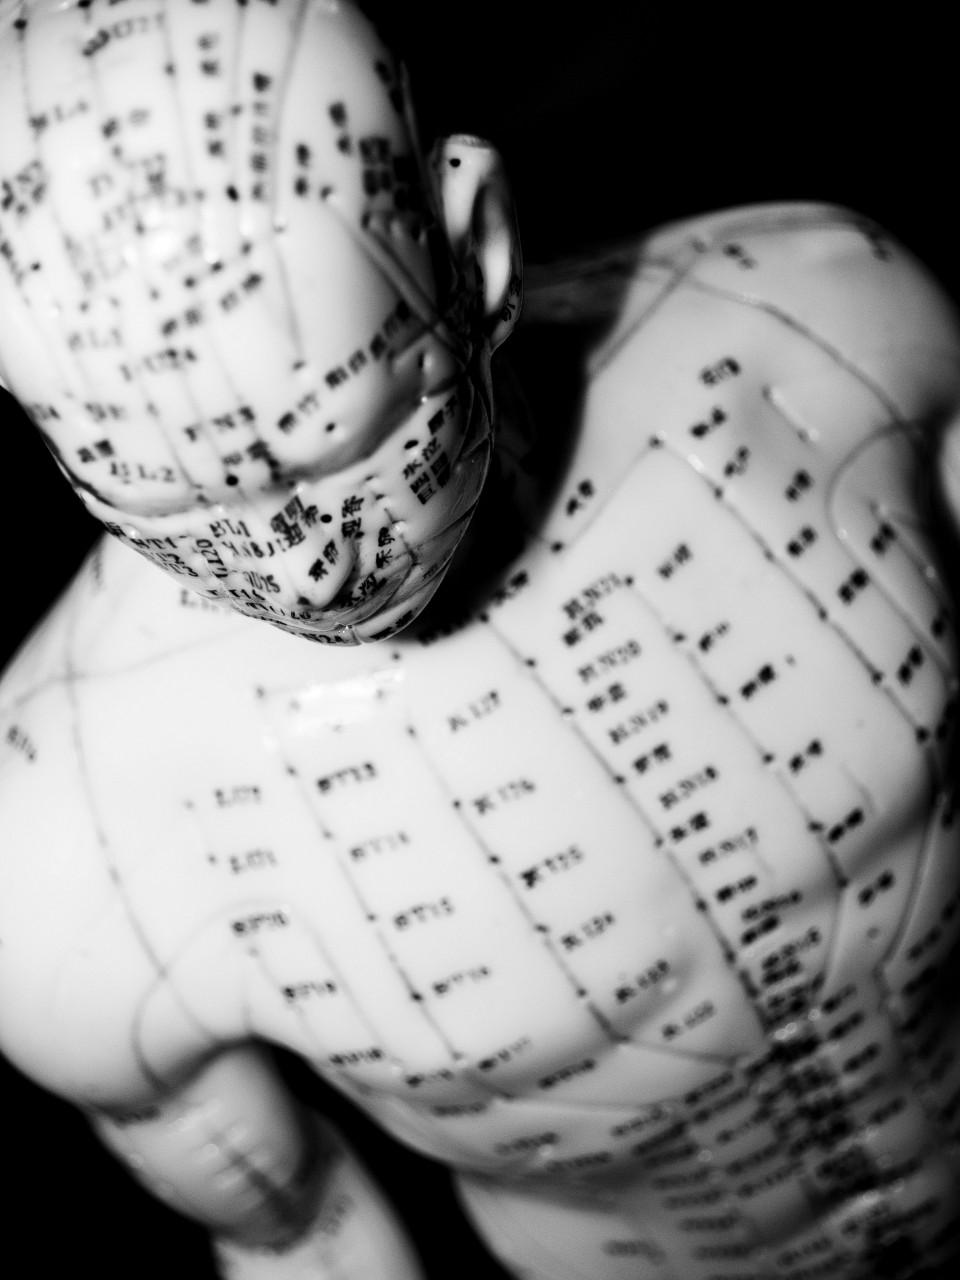 bigstock-Acupuncture-doll-18118181-e1393971190810